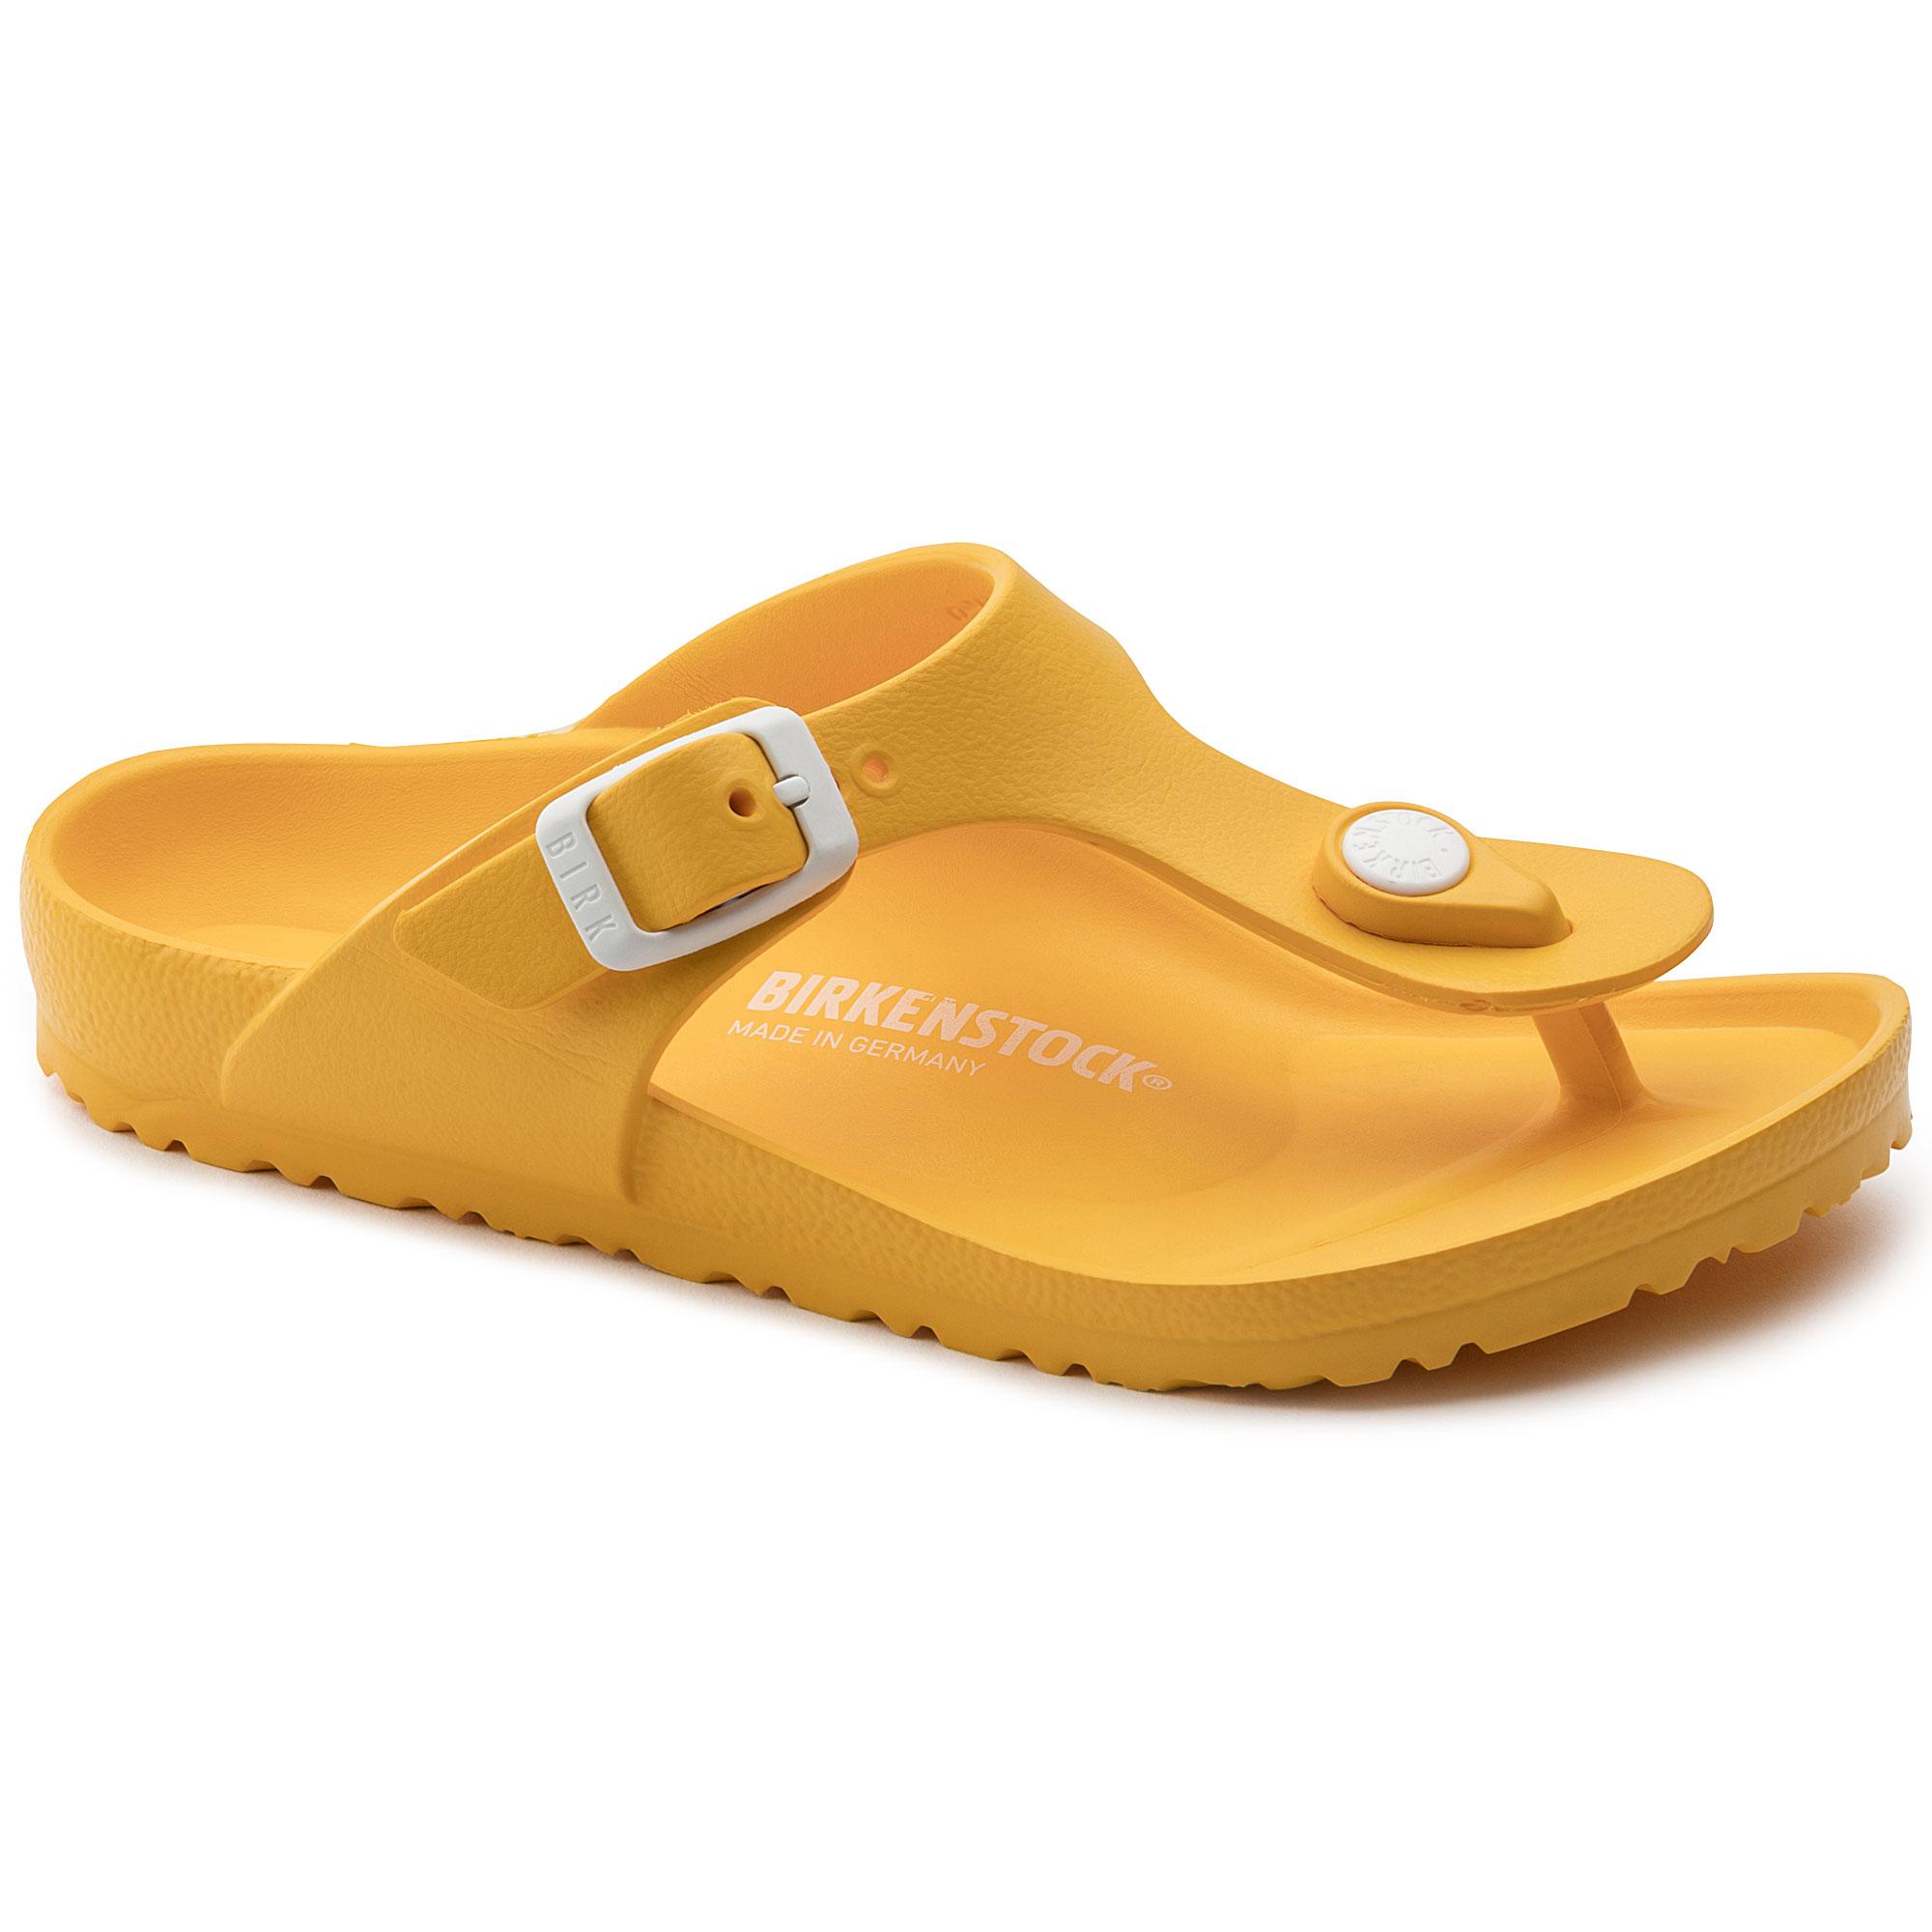 Birkenstock Gizeh EVA Kids kids sandals yellow